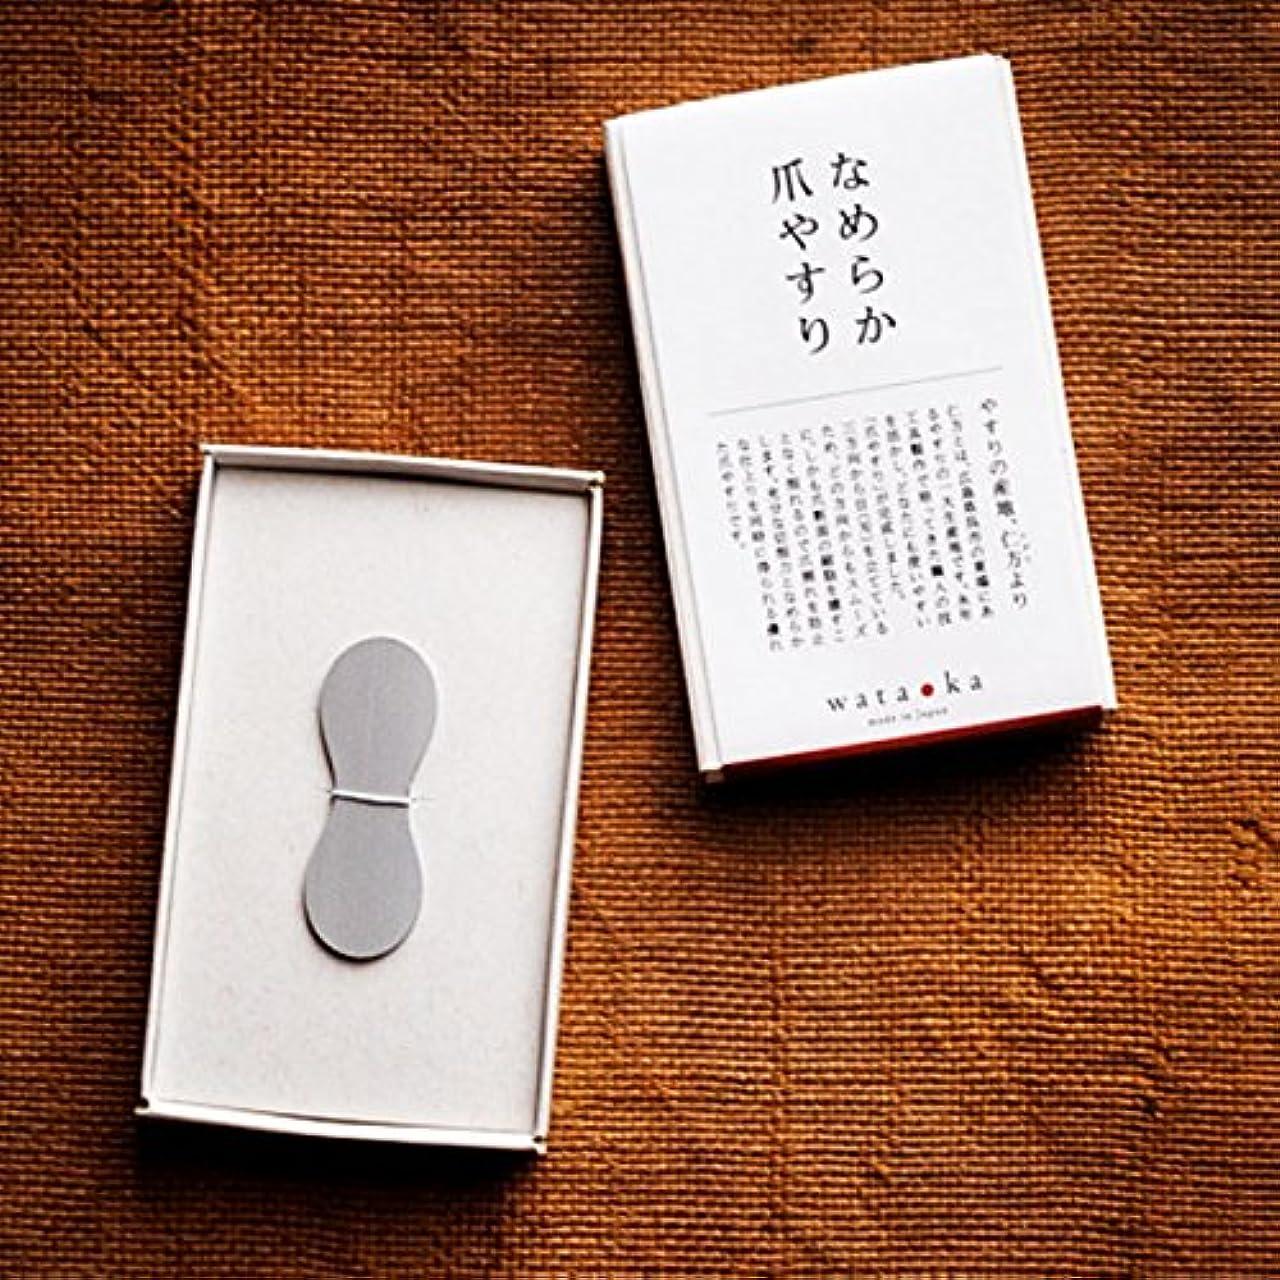 エンドウパレード寛解wataoka 鑢のワタオカ 爪やすり (専用パッケージ入り)